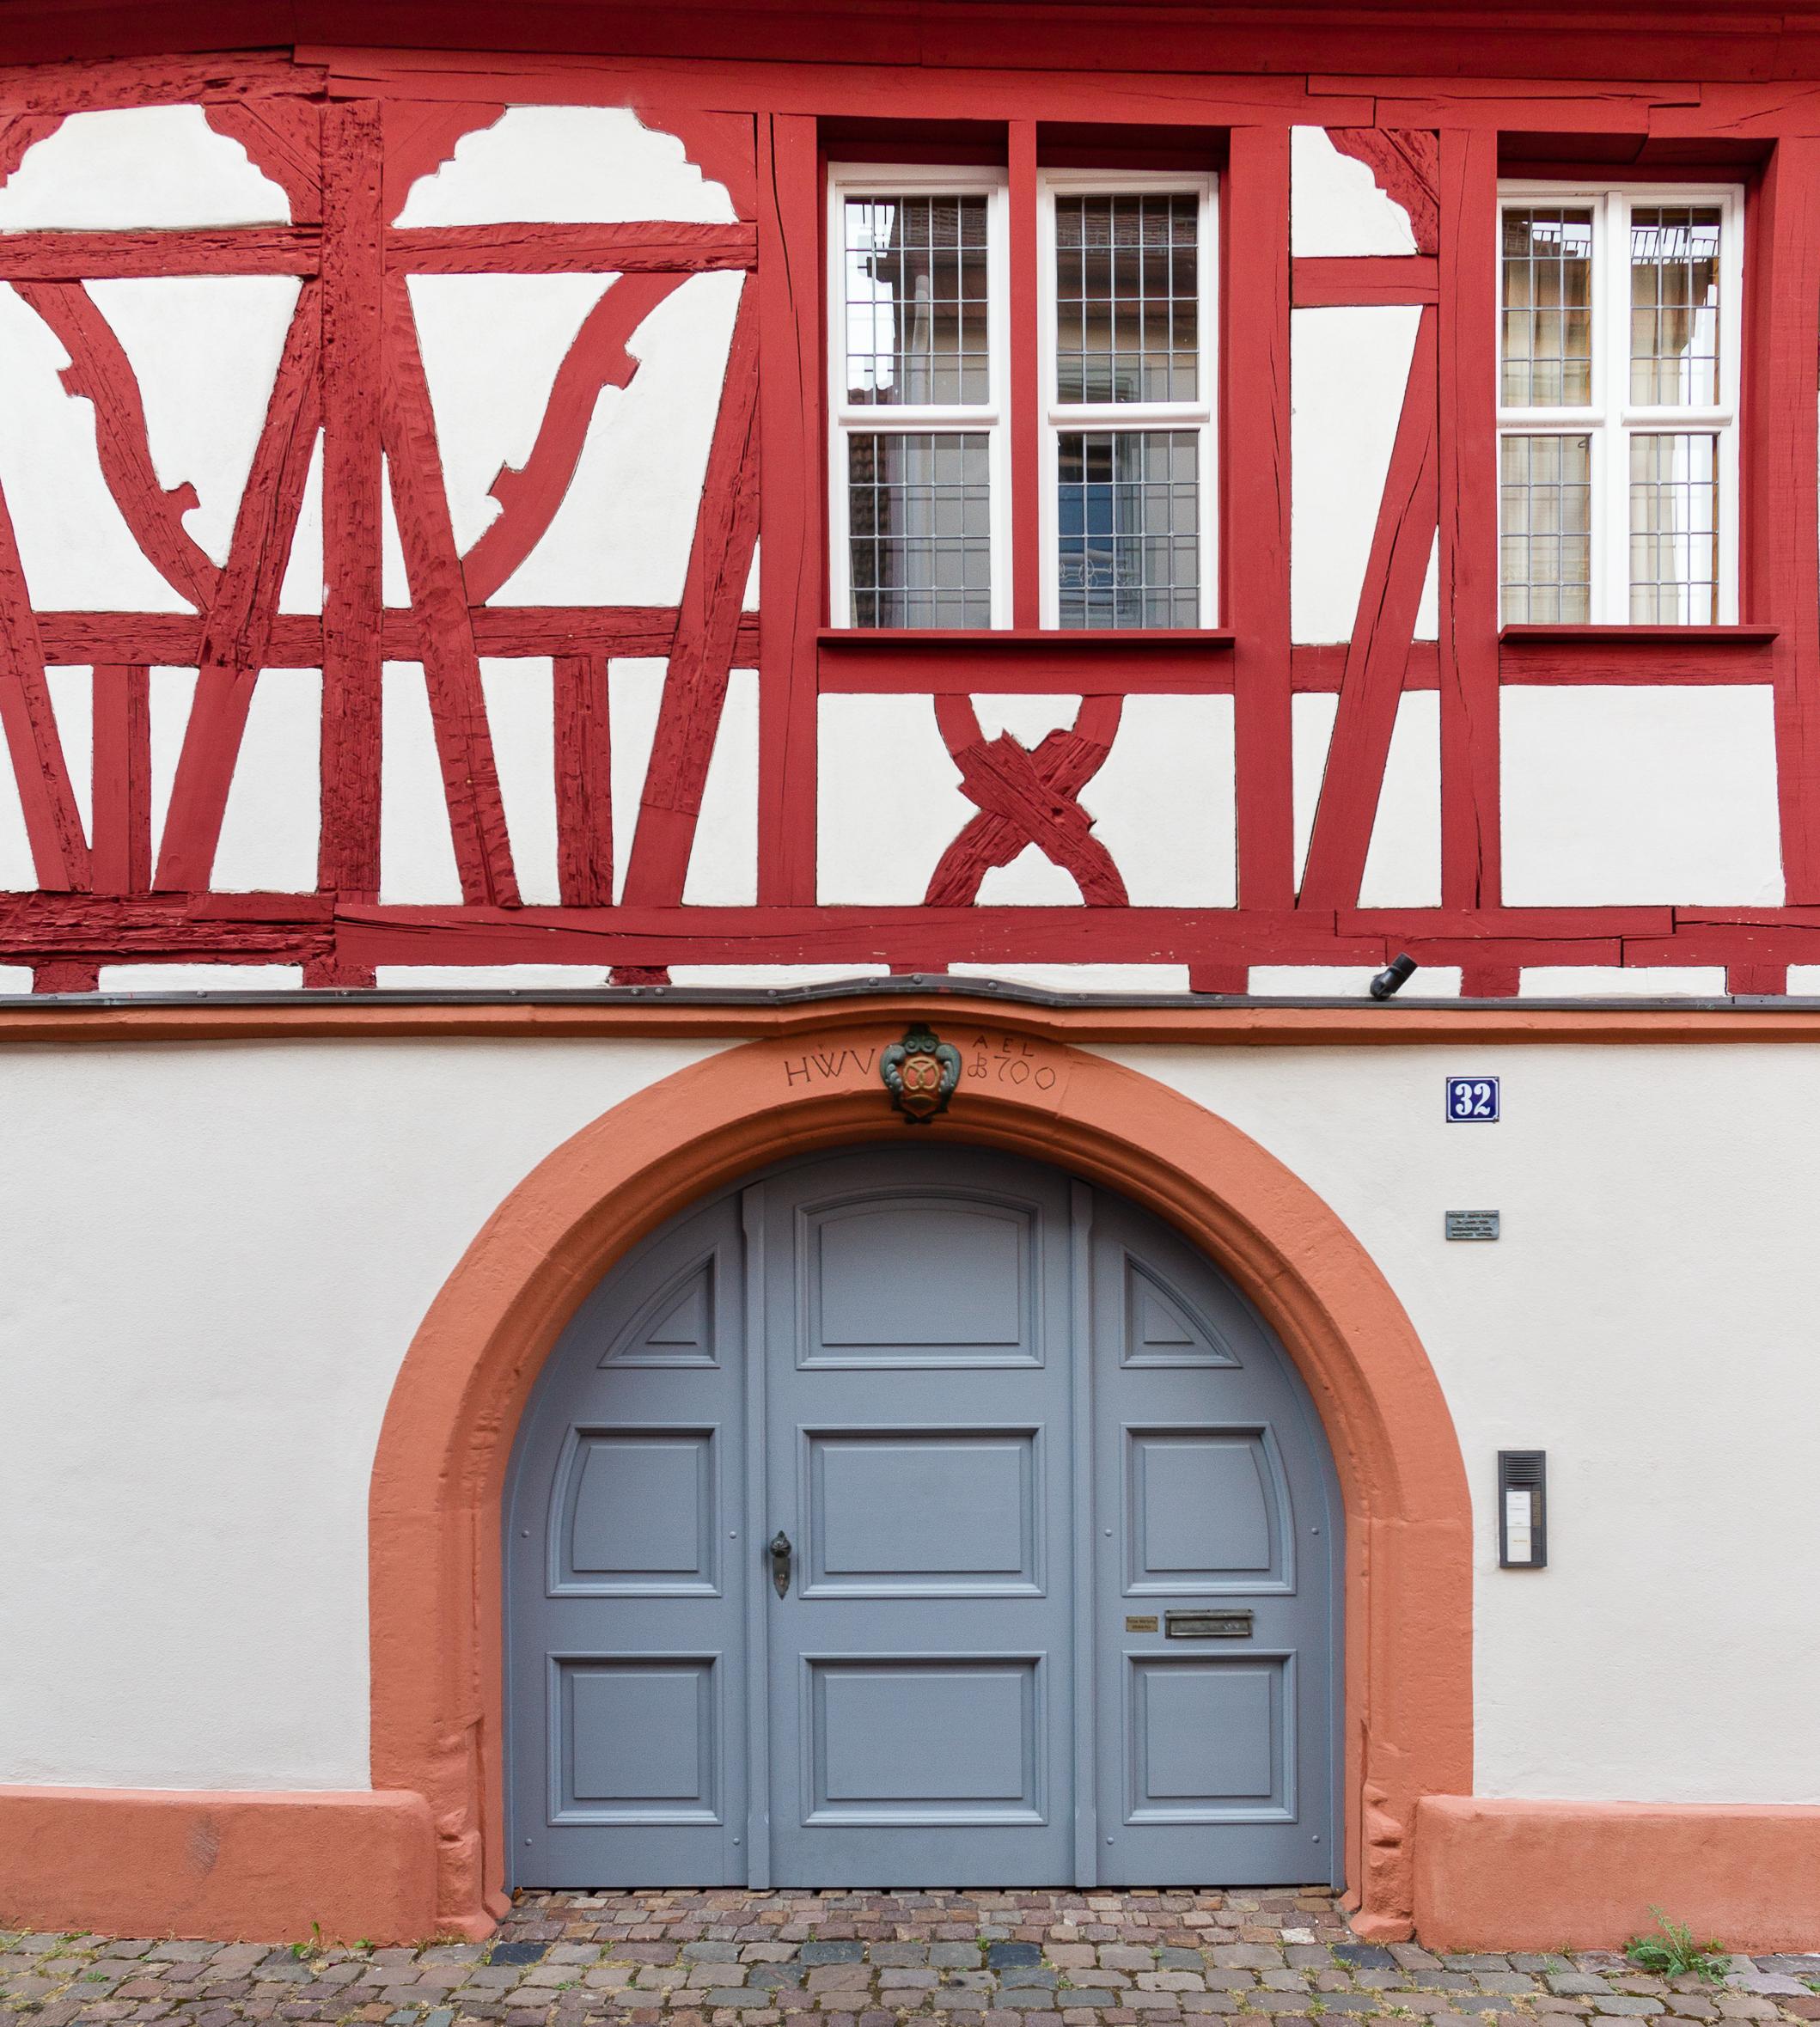 File:Kulturdenkmaeler Neustadt Rathausstraße 32 003 2016 09 14.jpg ...